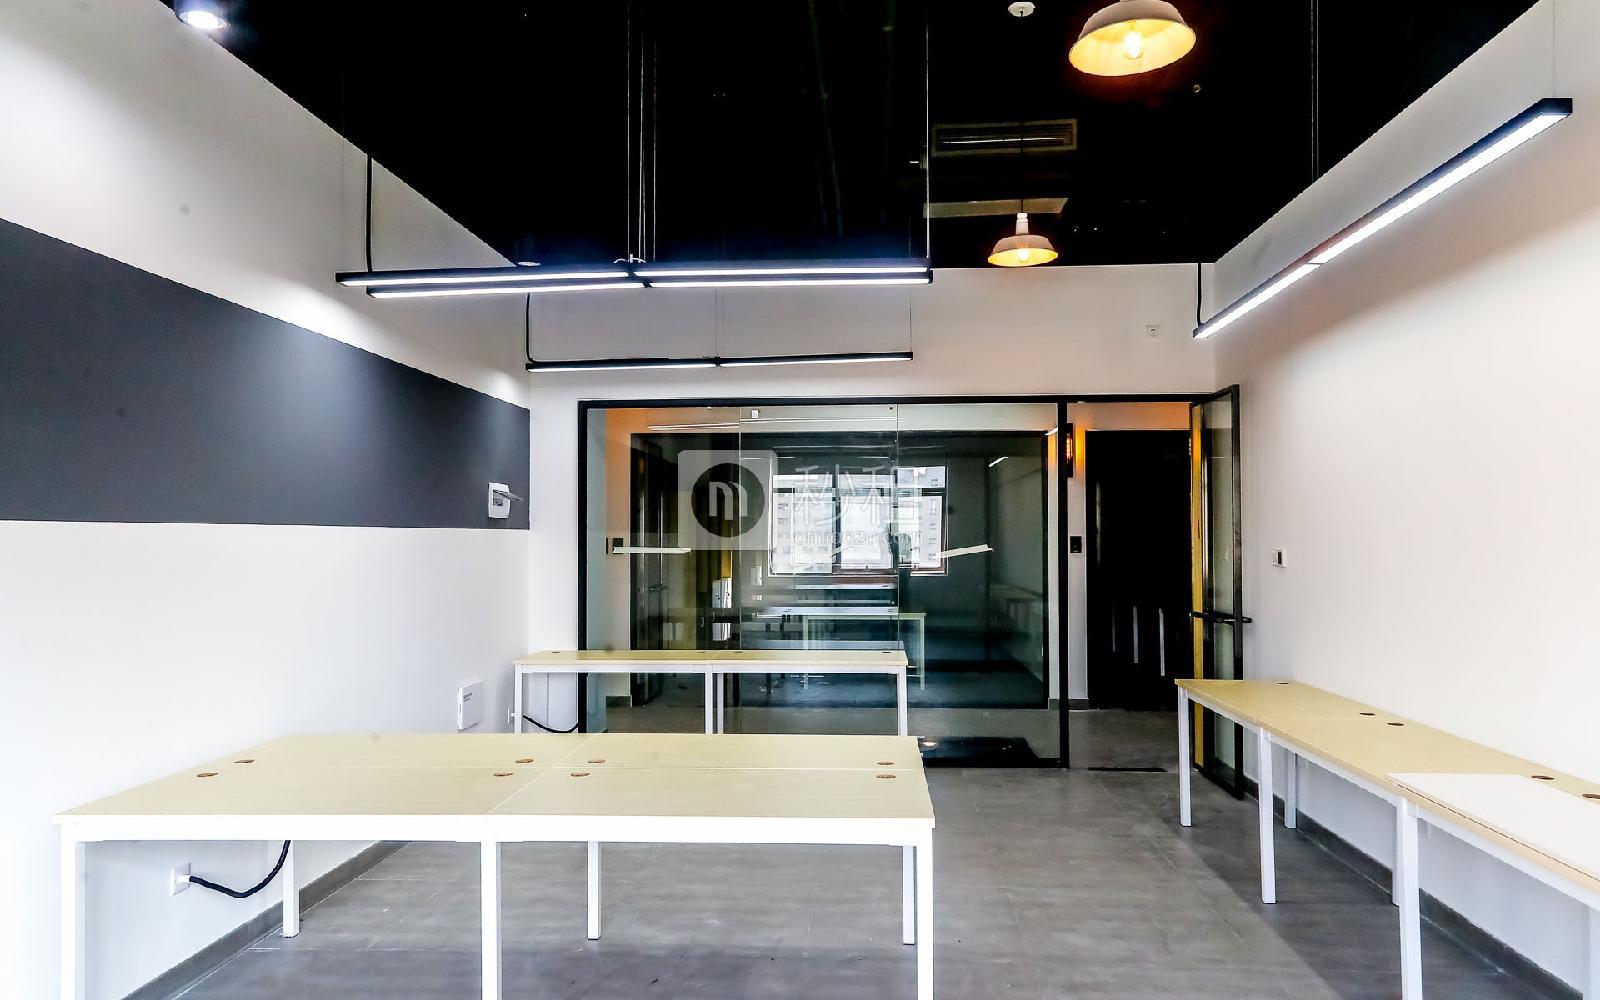 硅谷大院写字楼出租33平米精装办公室4680元/间.月